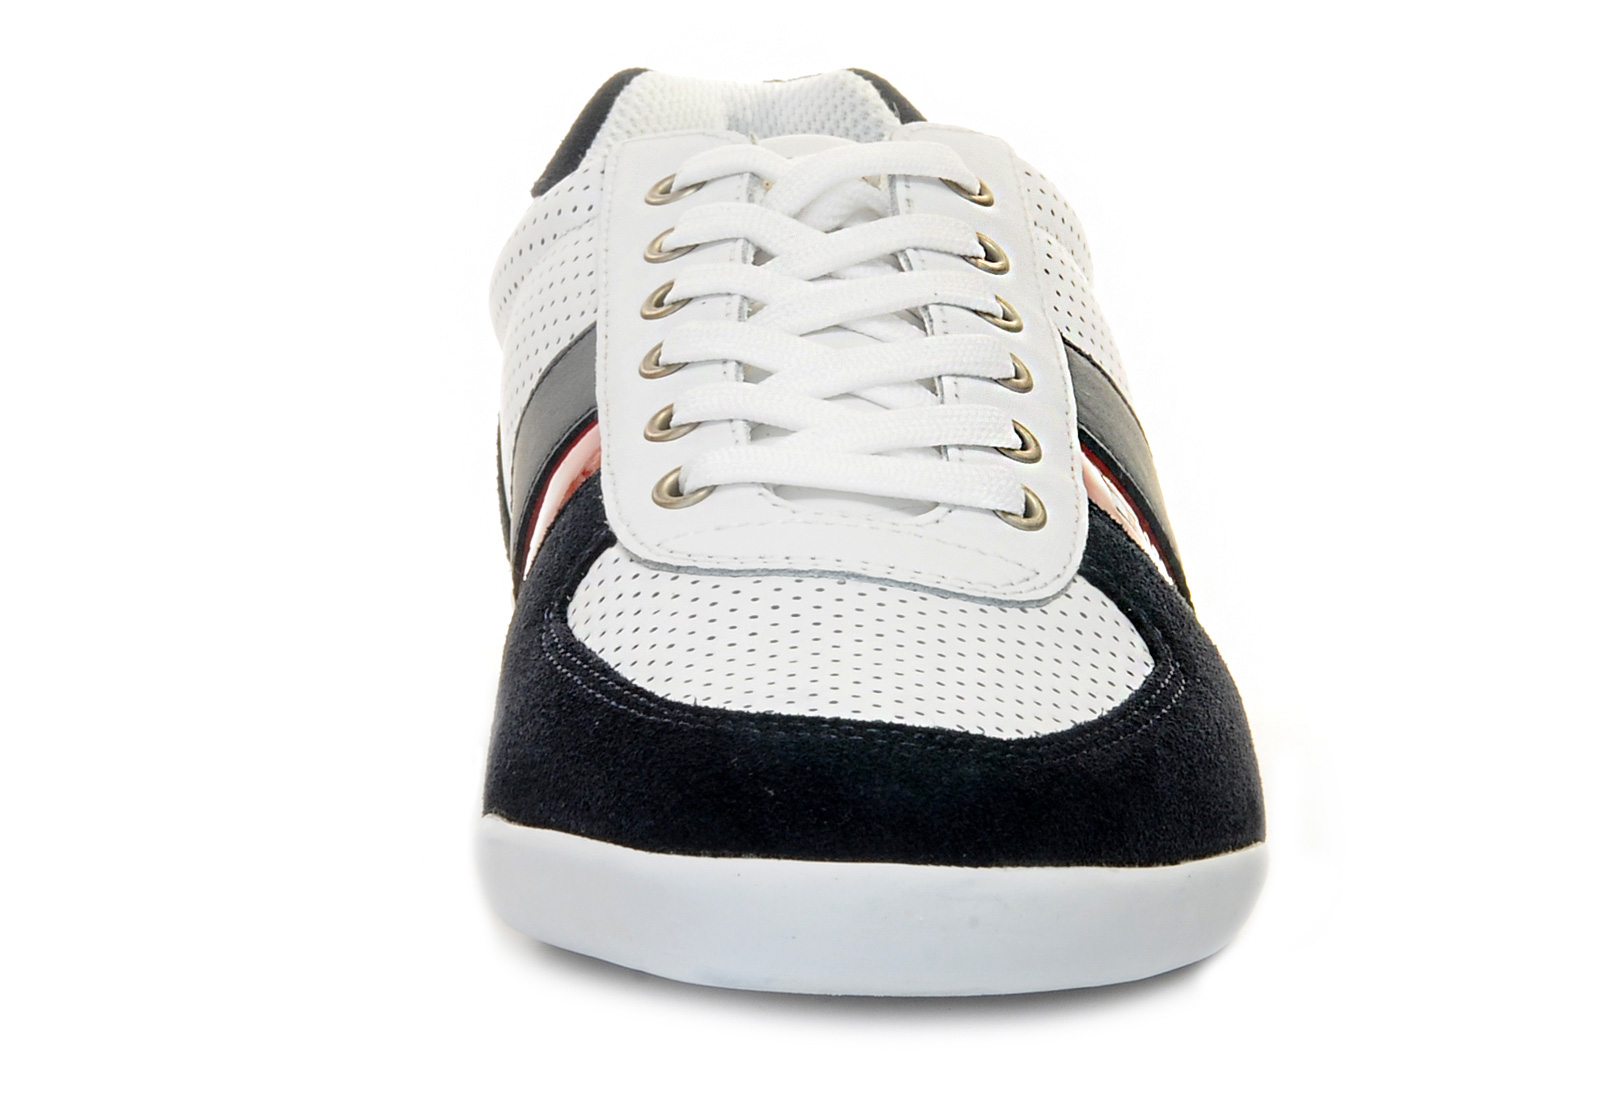 Tommy Hilfiger Cipő - Ray 1b - 13s-5285-403 - Office Shoes Magyarország d32b9189a8